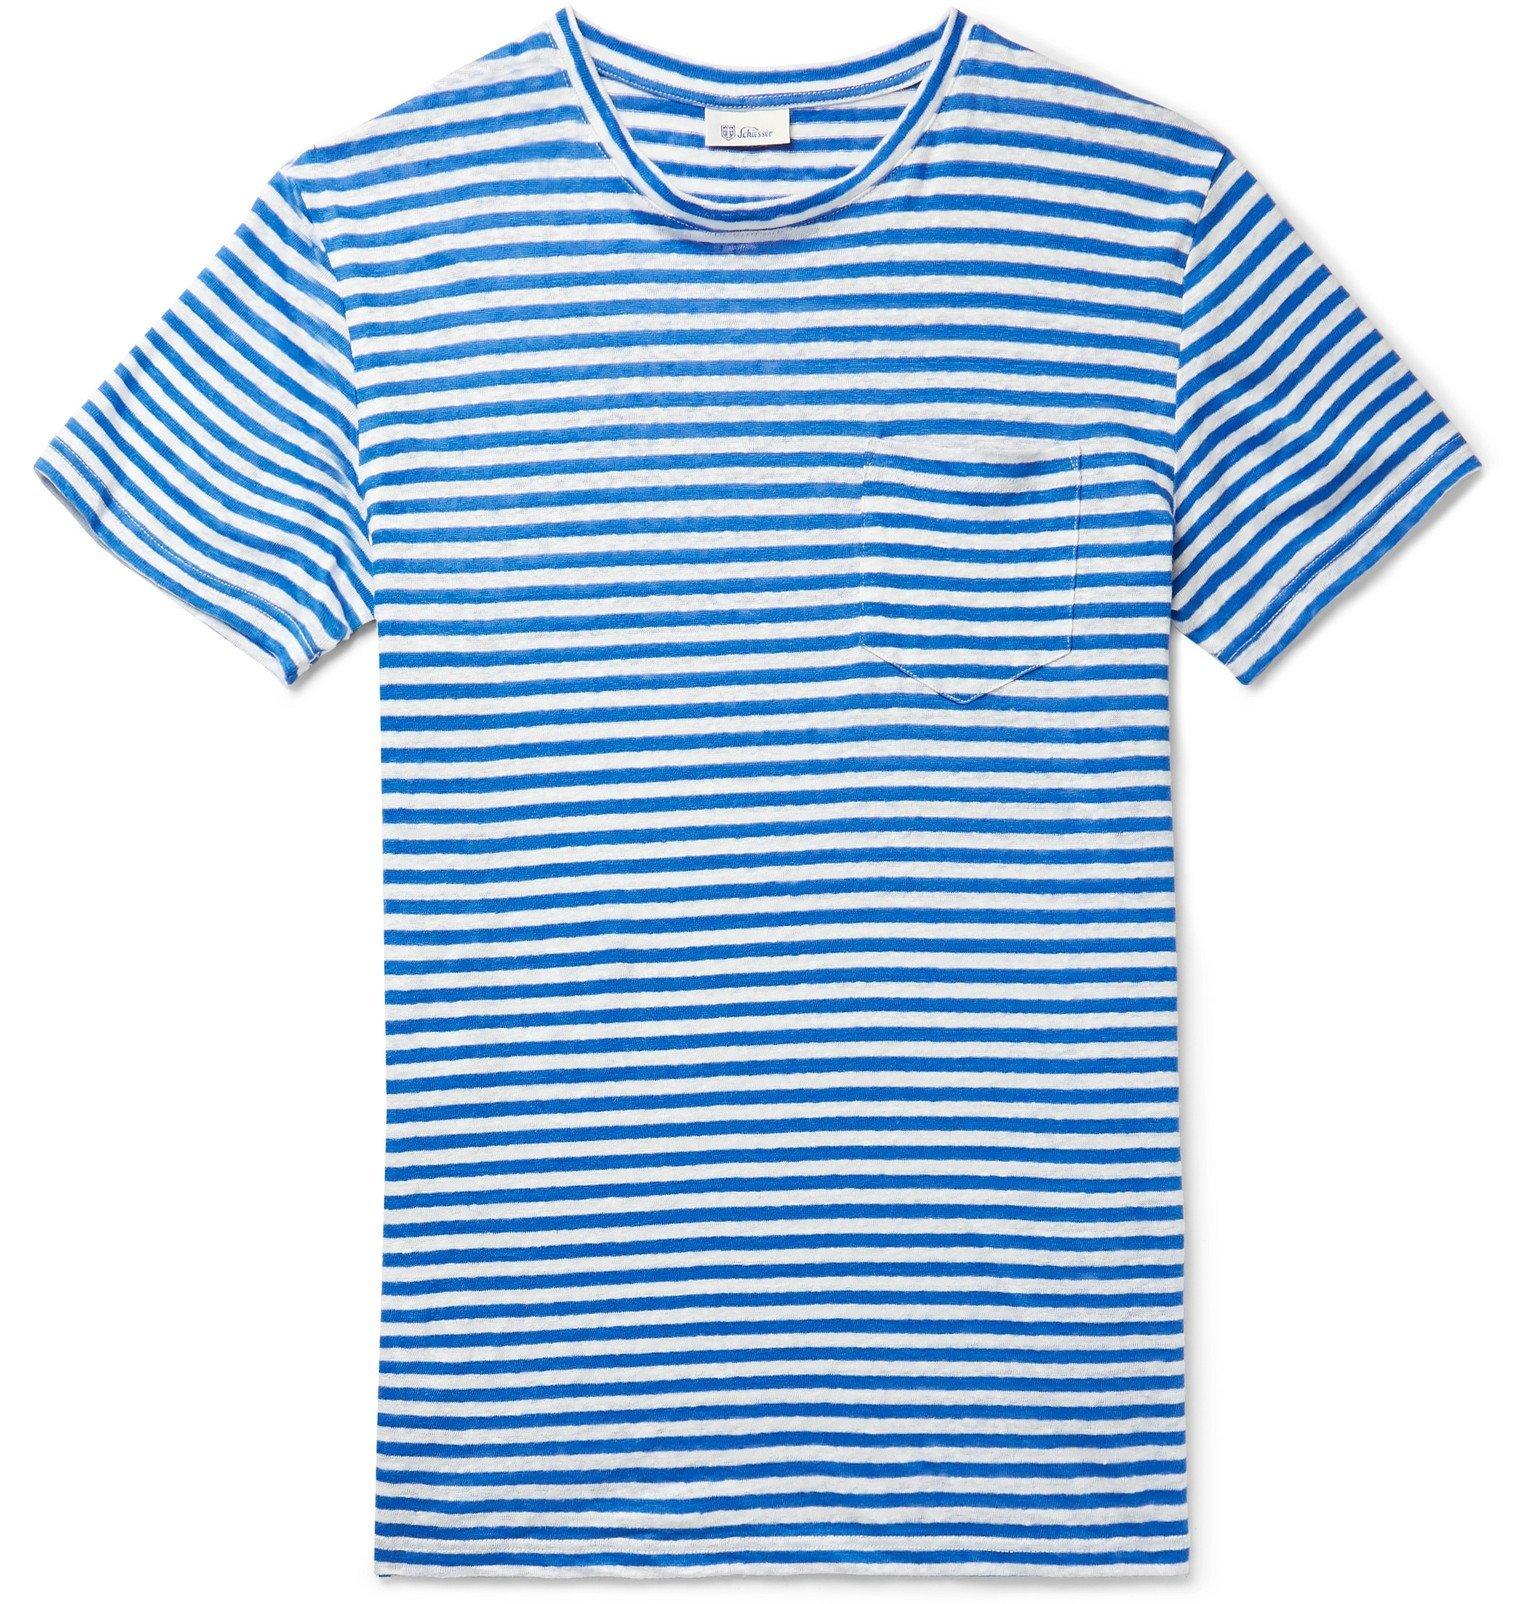 Schiesser - Helmut Striped Linen-Jersey T-Shirt - Blue